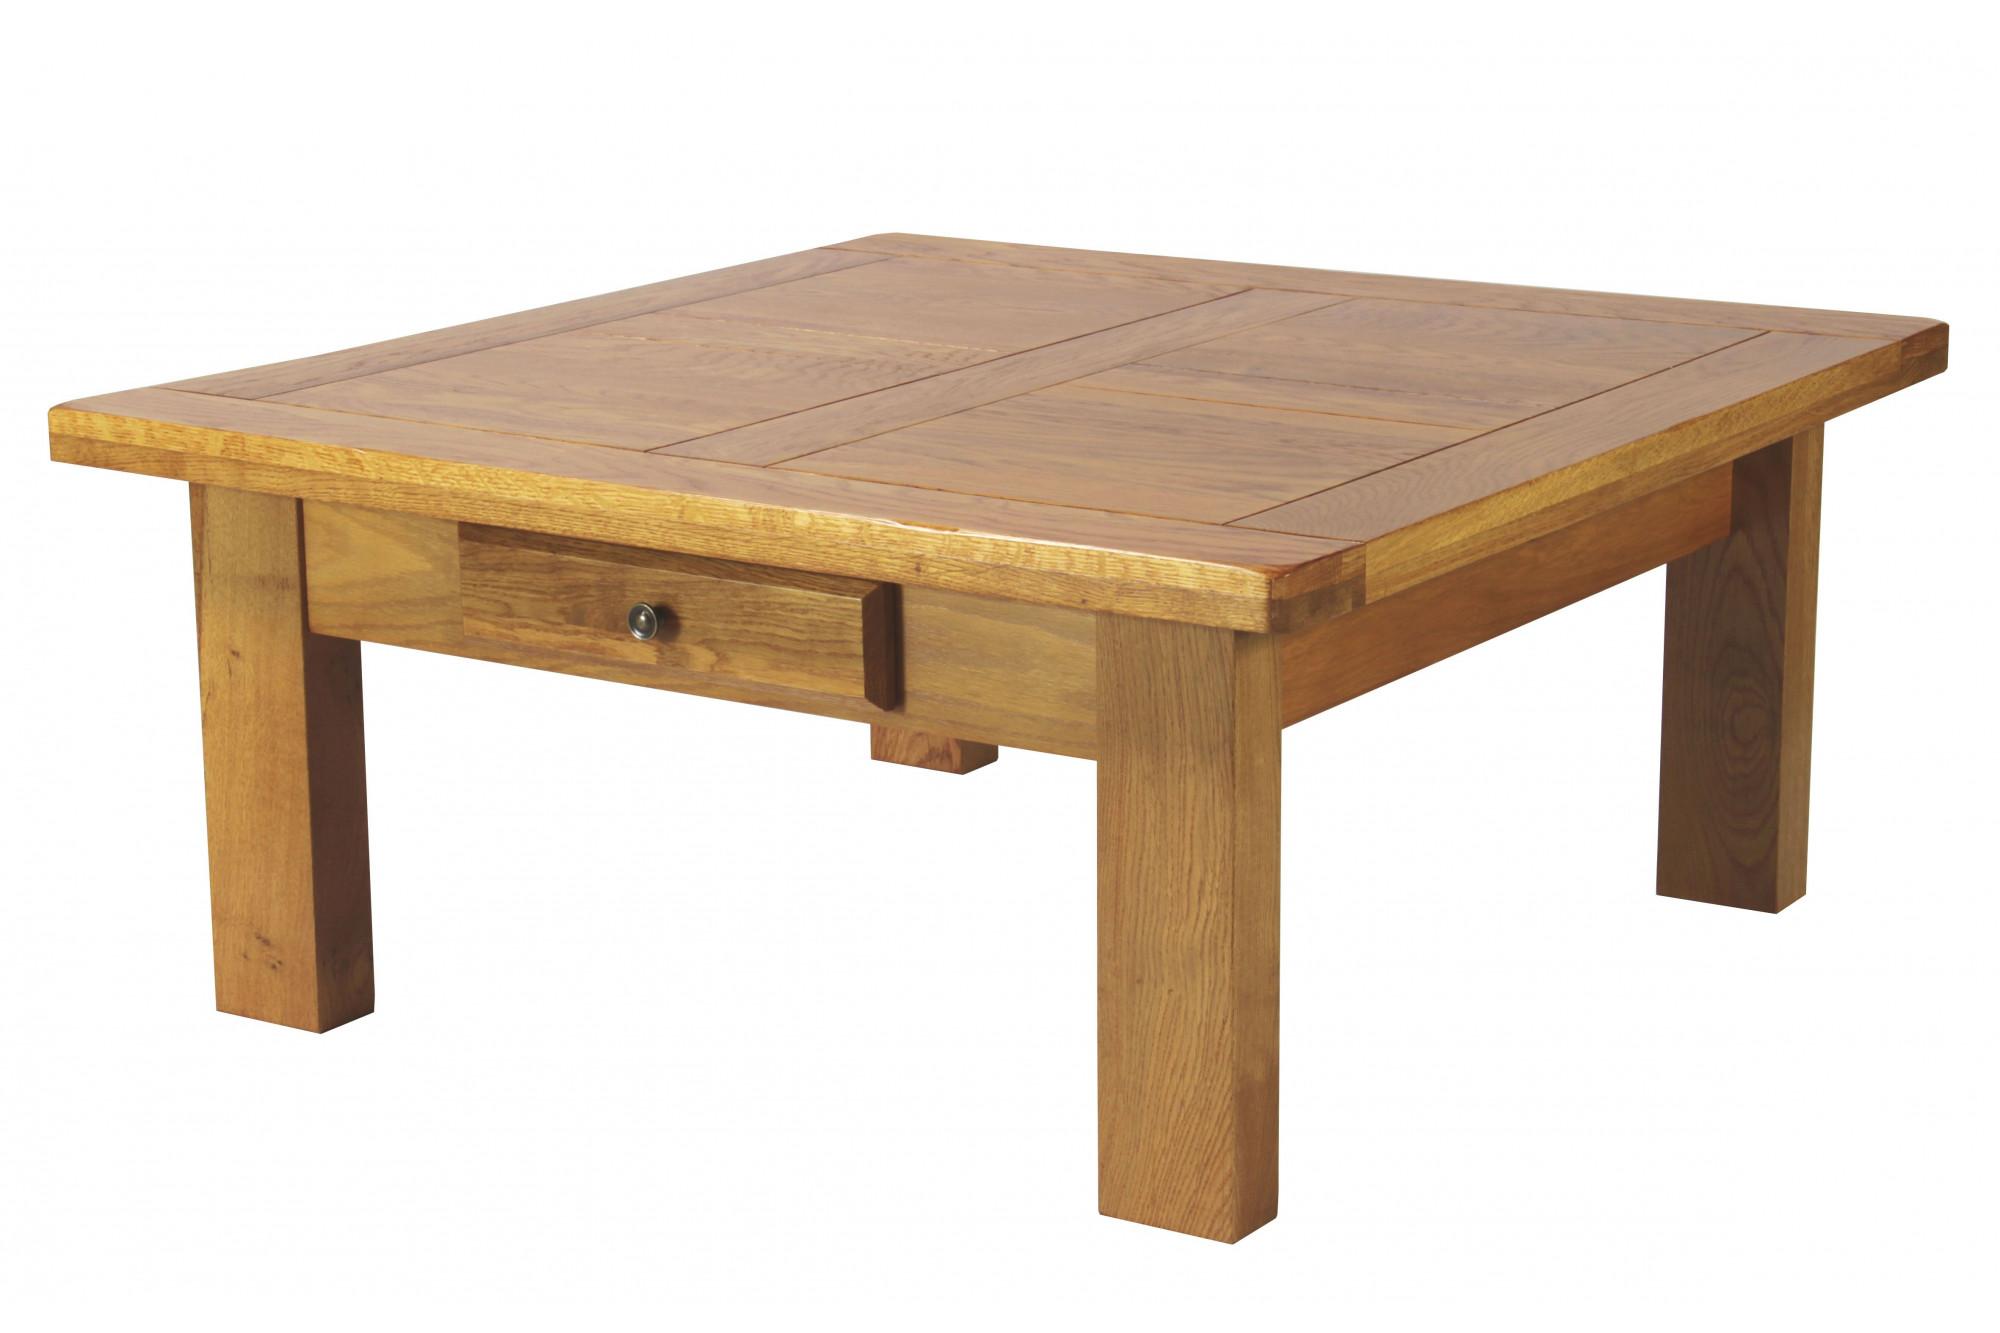 Carrée Bresse Basse Basse Table Bresse Carrée La La Table Basse Carrée Table FJc15TulK3